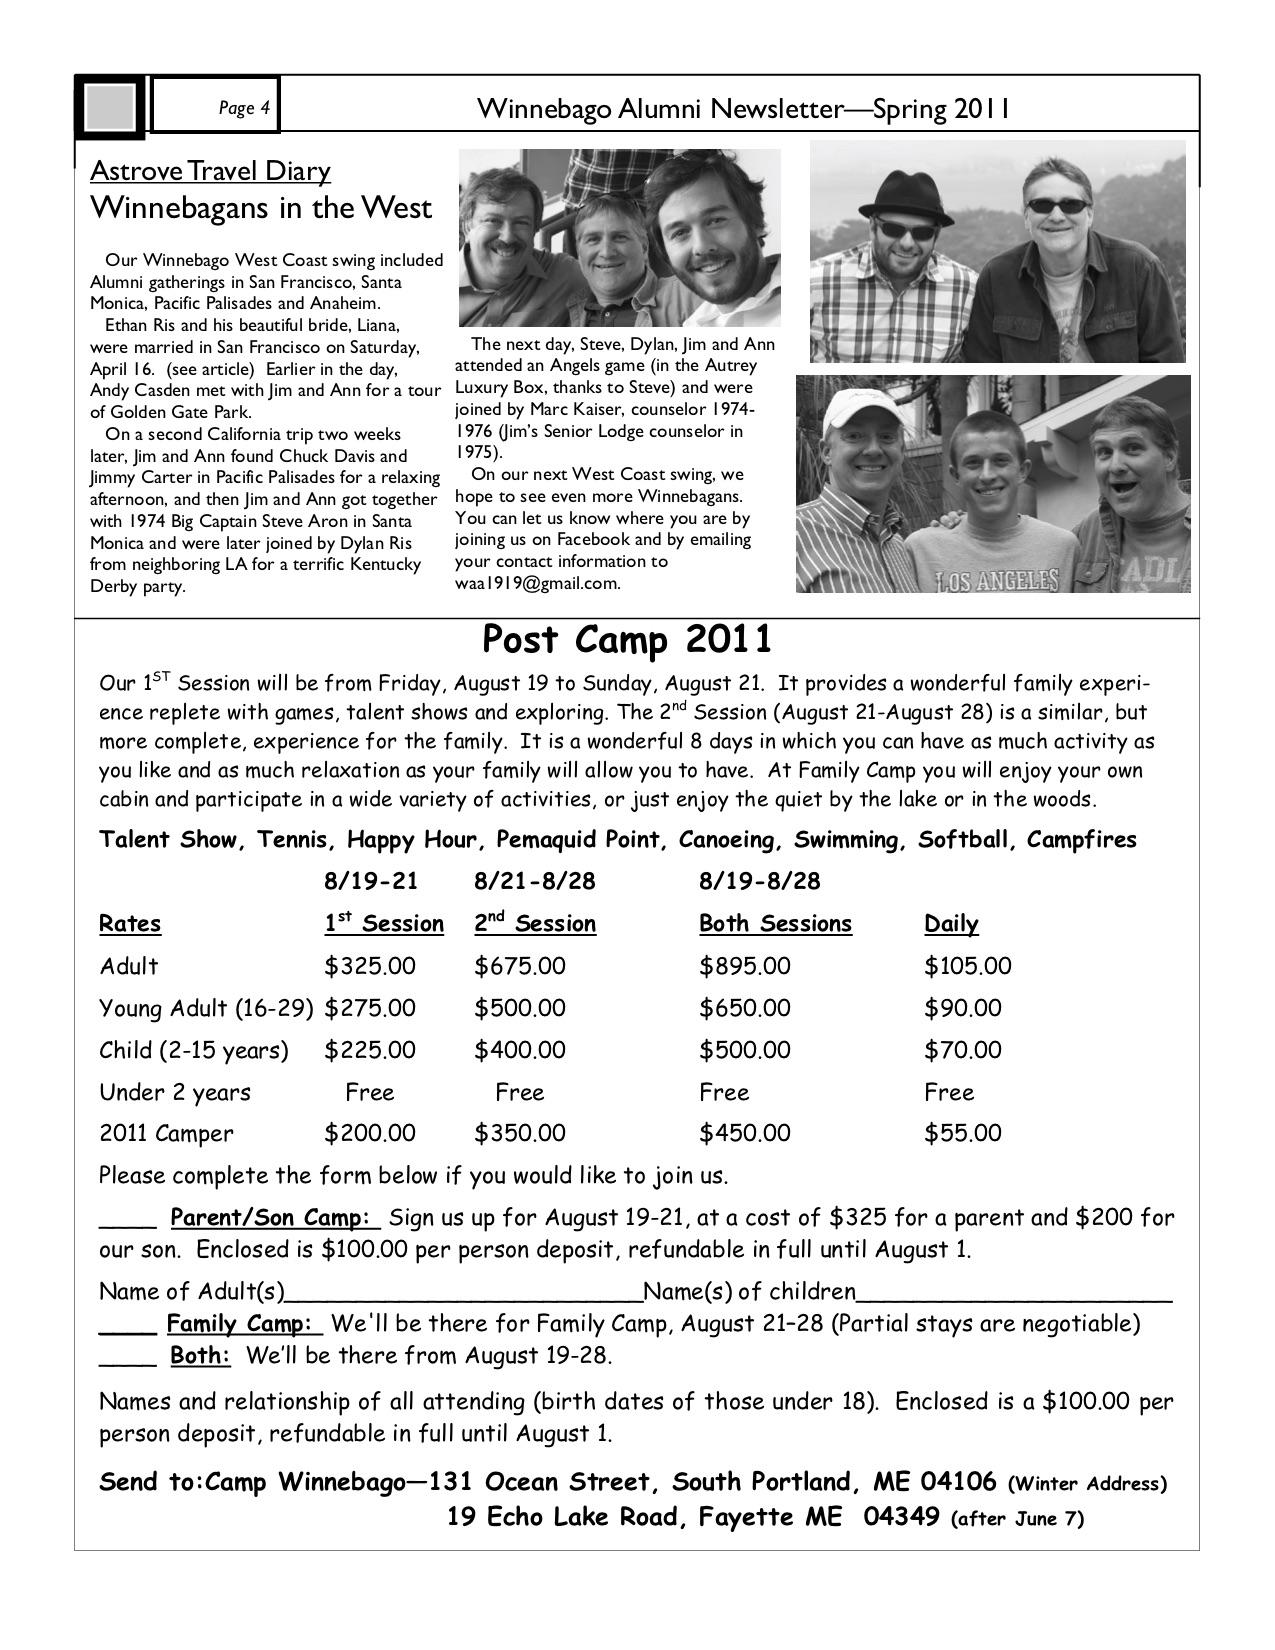 2011 Spring Newsletter 4.jpg